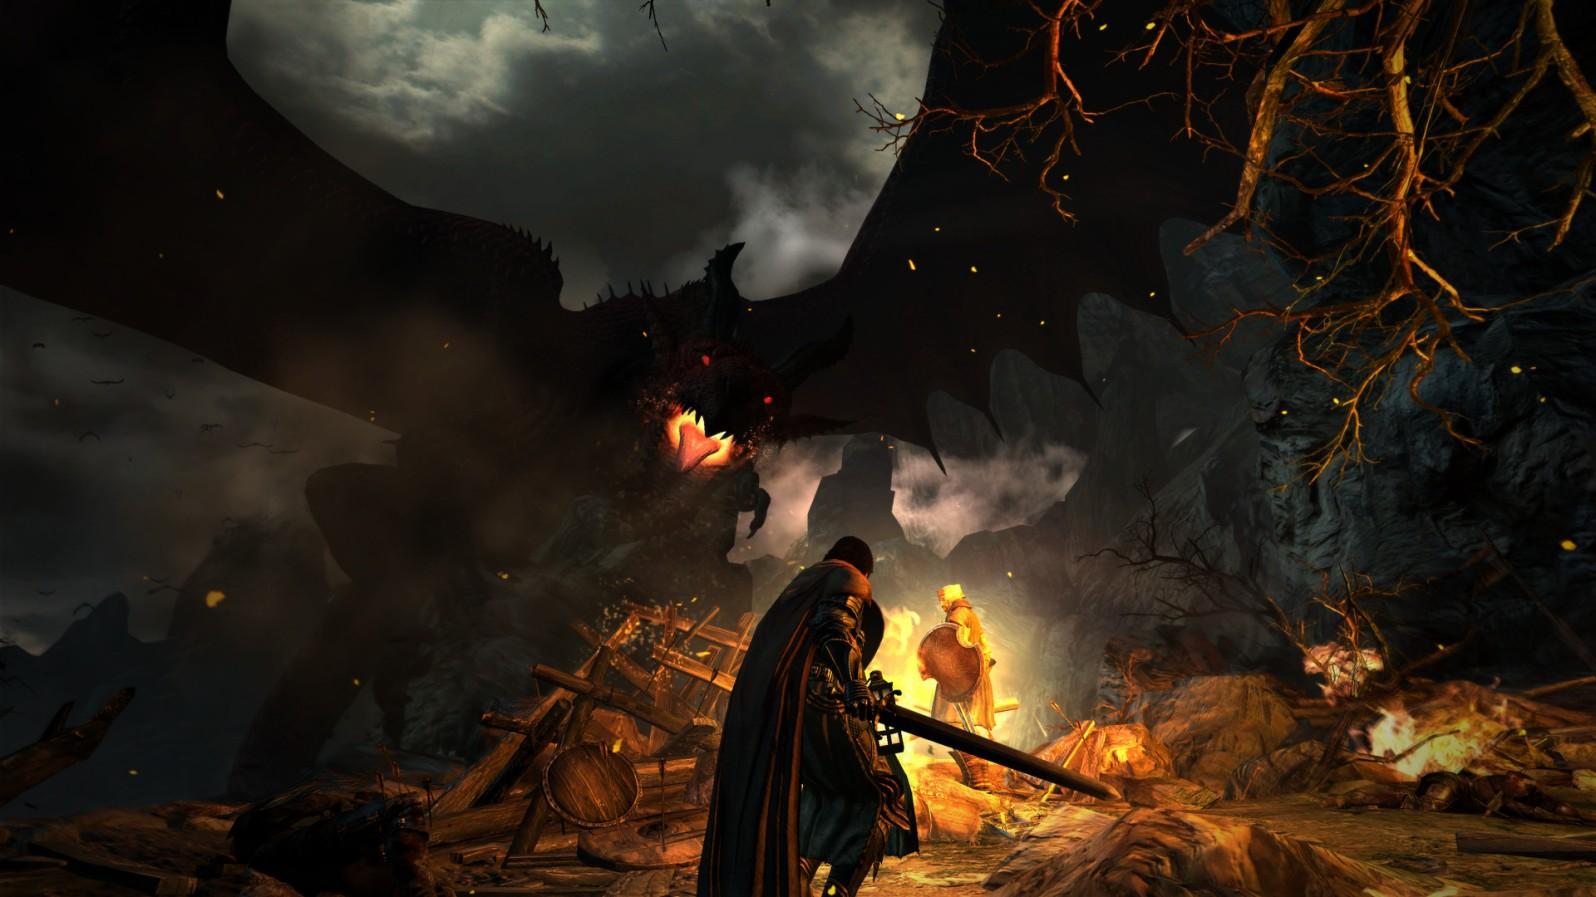 Quelle: Steam - Dragon's Dogma: Dark Arisen